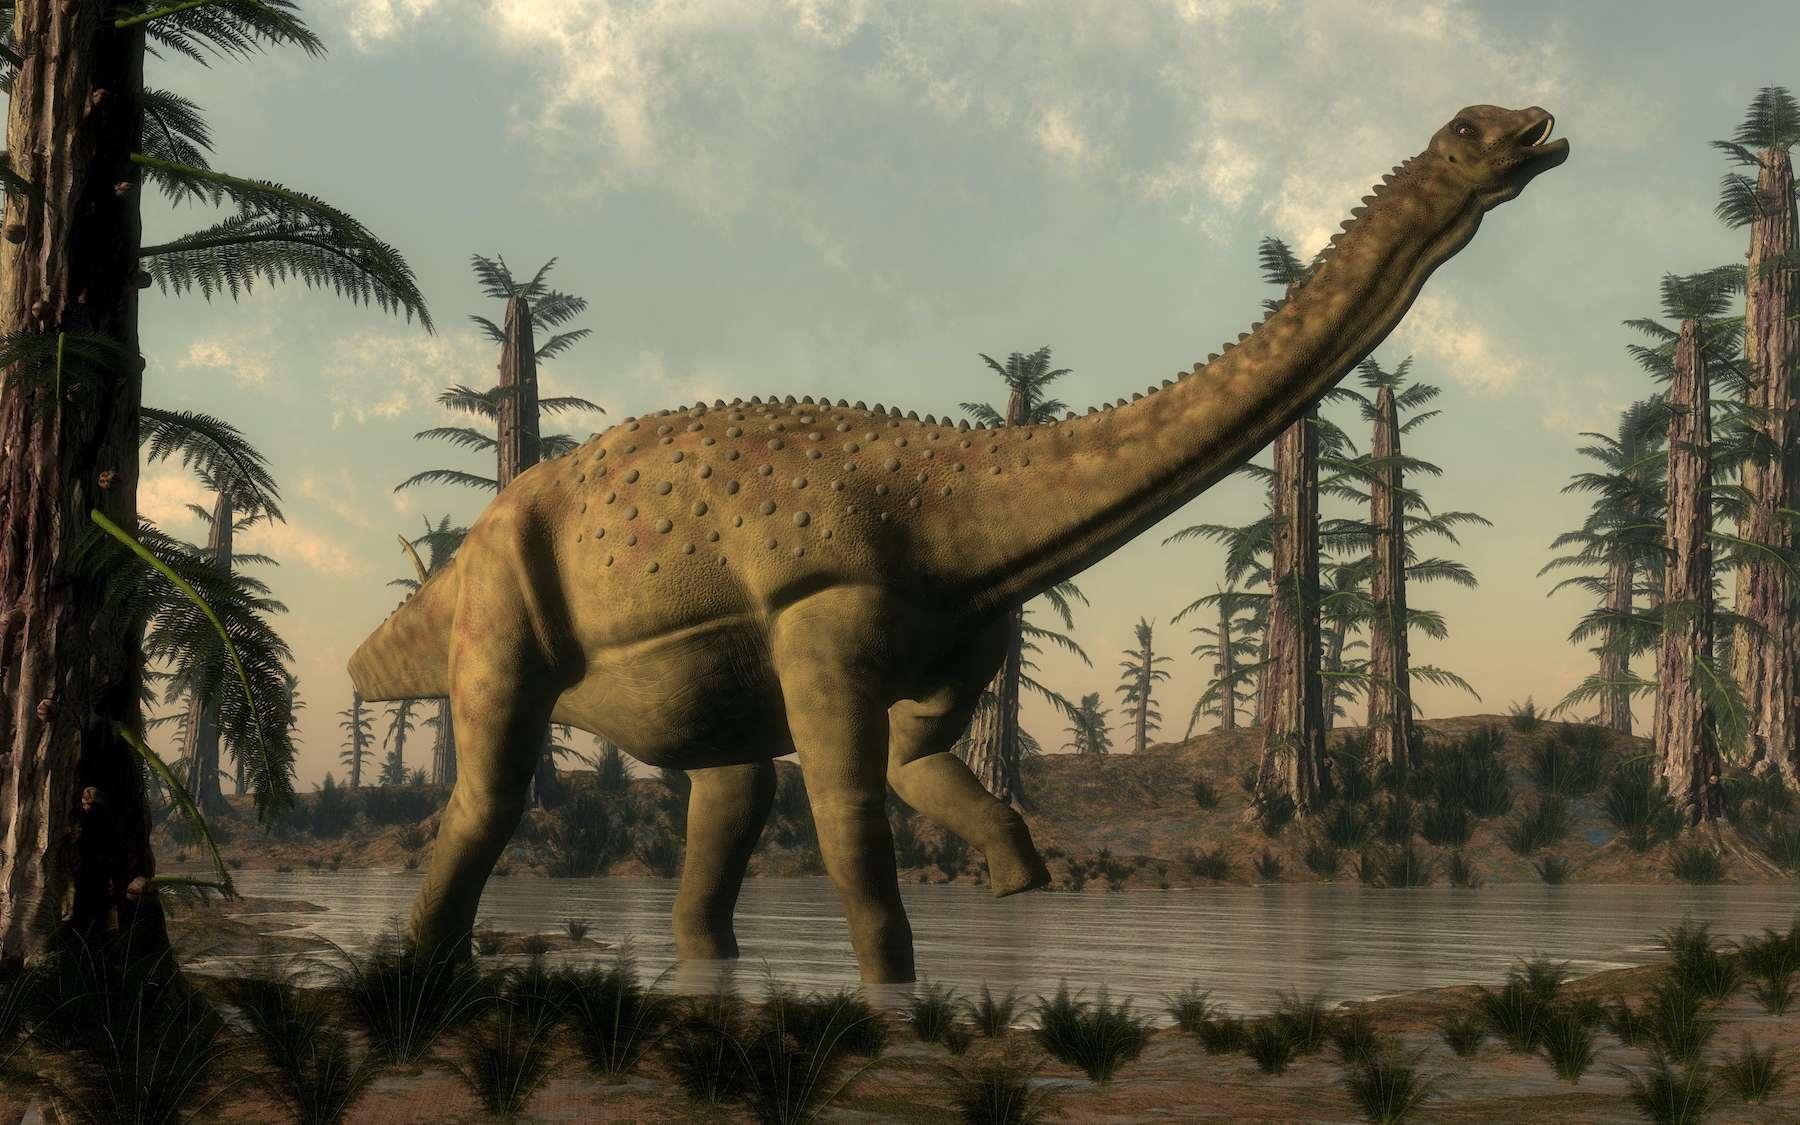 Uberabatitan, un titanosaure du Crétacé supérieur retrouvé au Brésil. © Elenarts, Adobe Stock